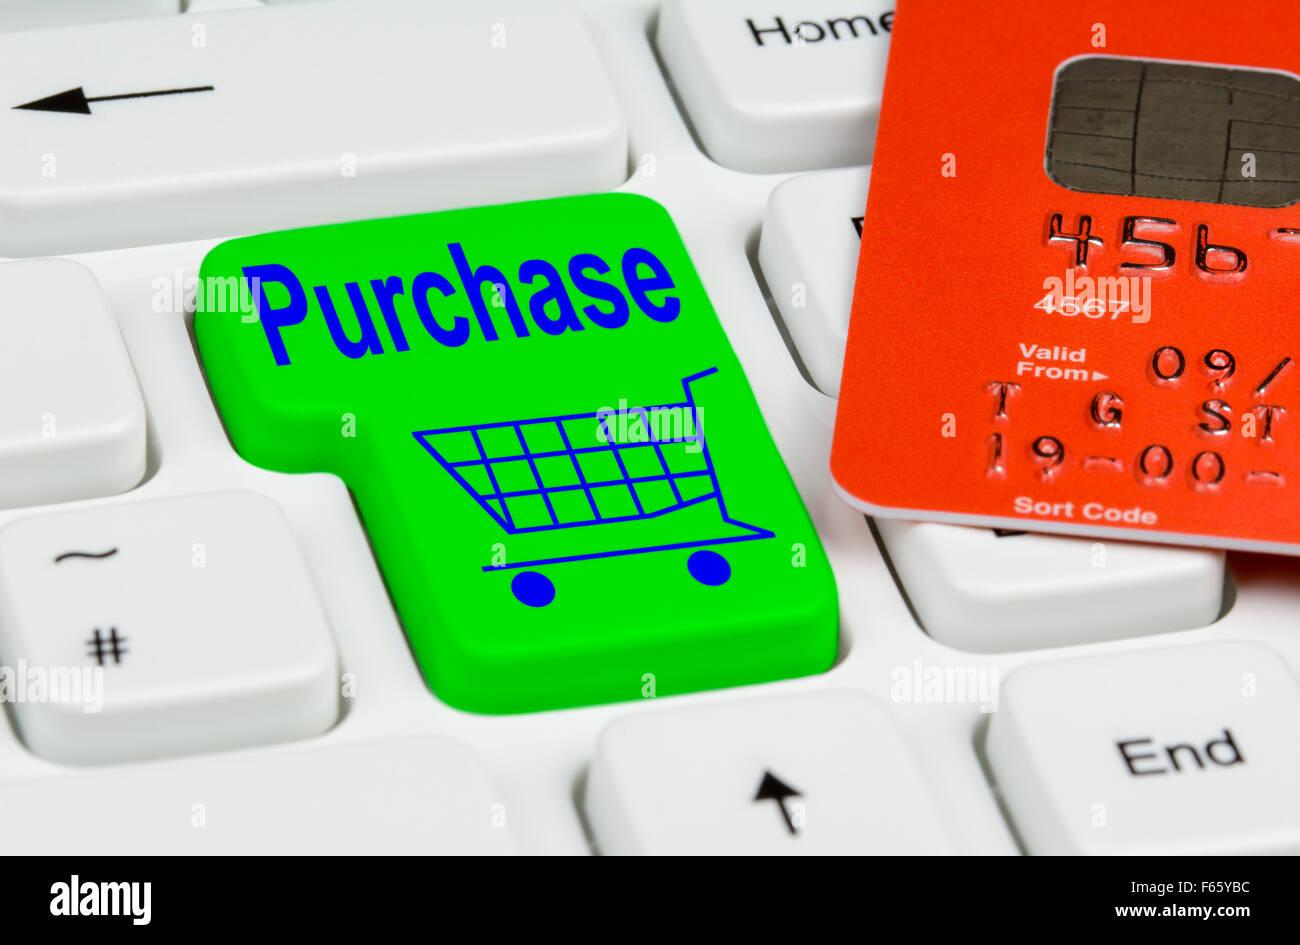 Magasinage en ligne touche sur un clavier d'ordinateur.avec carte de crédit ou de prêt pour le paiement. Photo Stock